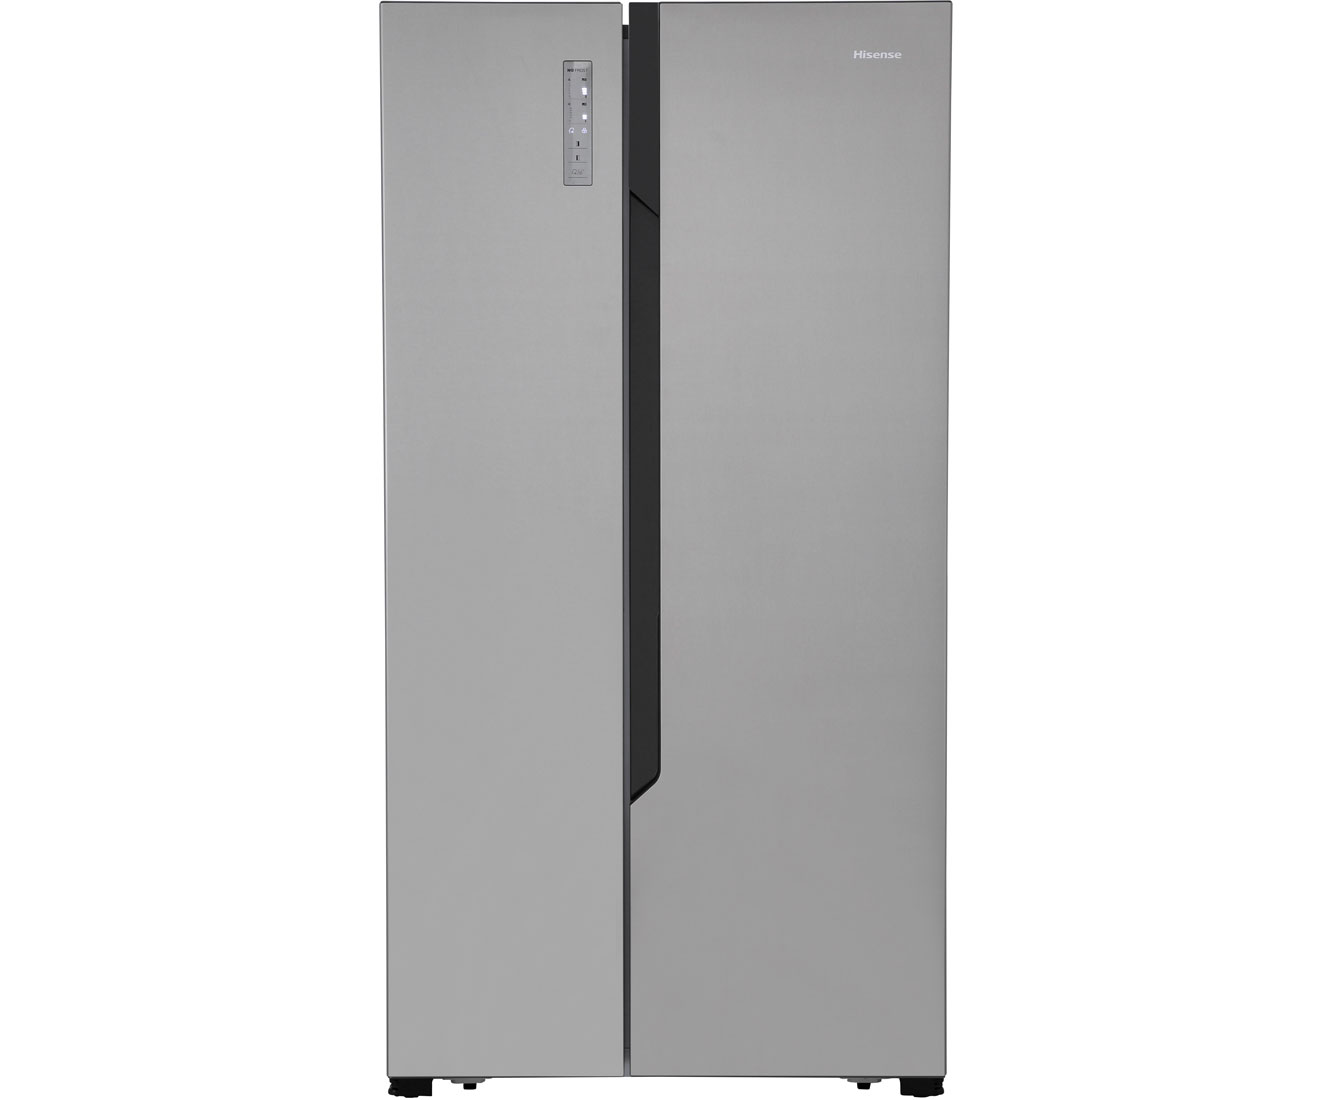 Amerikanischer Kühlschrank B Ware : Side by sides mit lieferung bis zum aufstellungsort ao